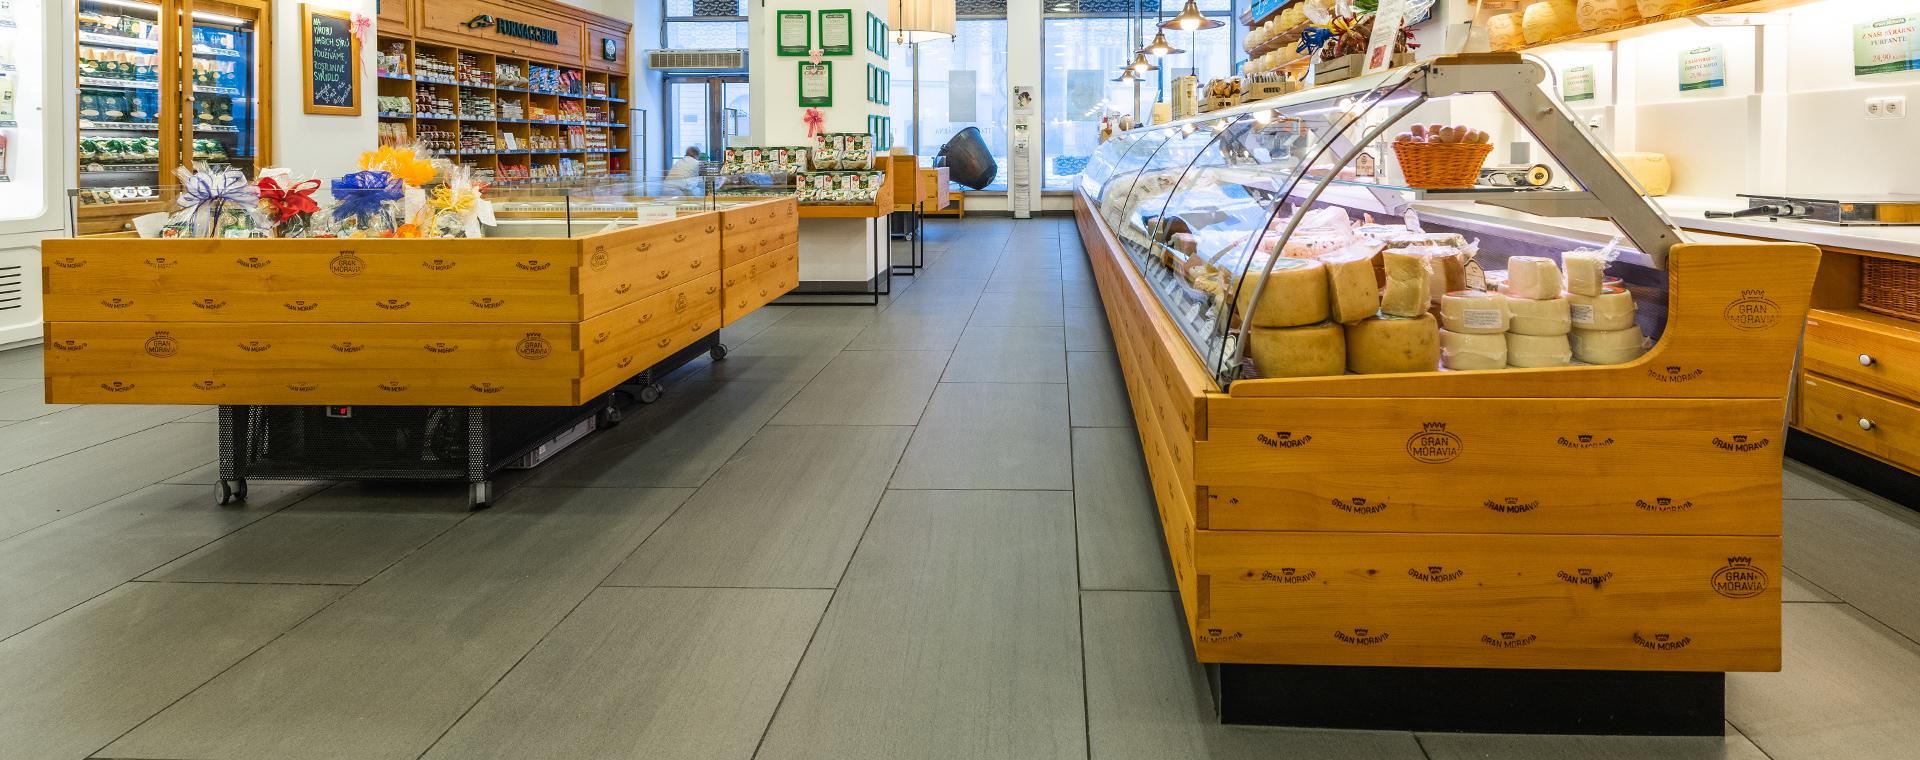 Reference: Nová velkoformátová podlaha zdobí prodejnu La Formaggeria vOlomouci